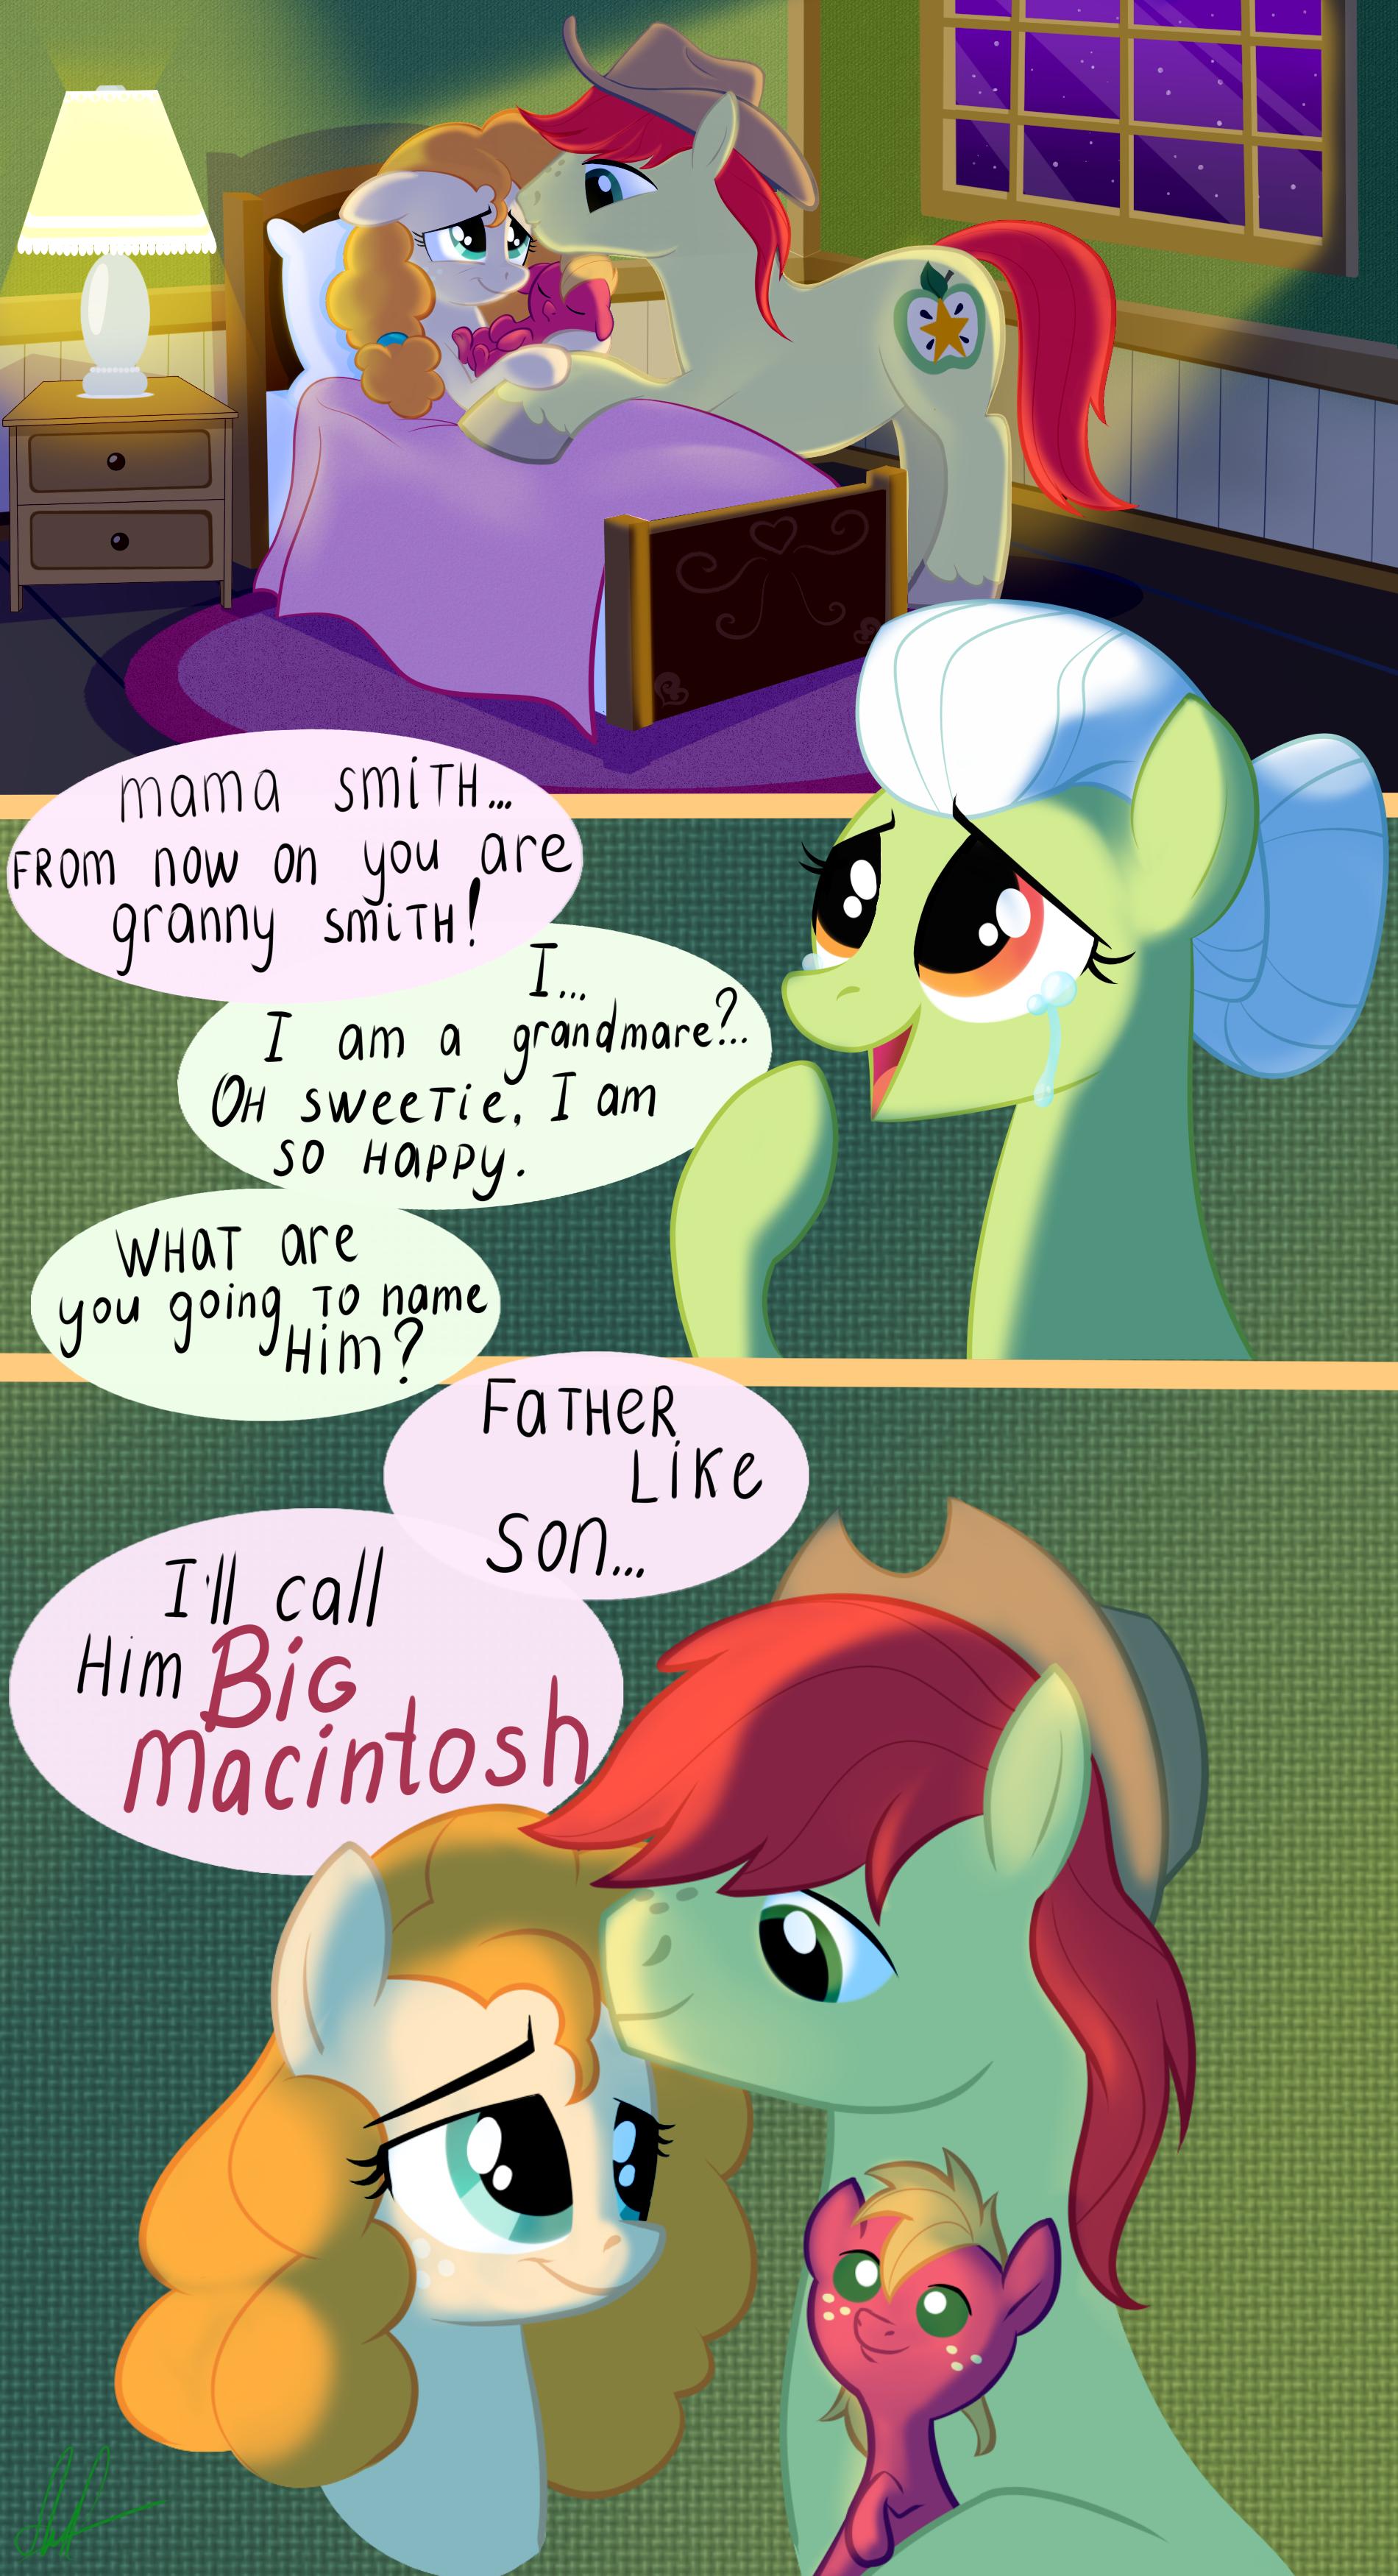 AppleJack's parents Chapter 1, a my little pony fanfic